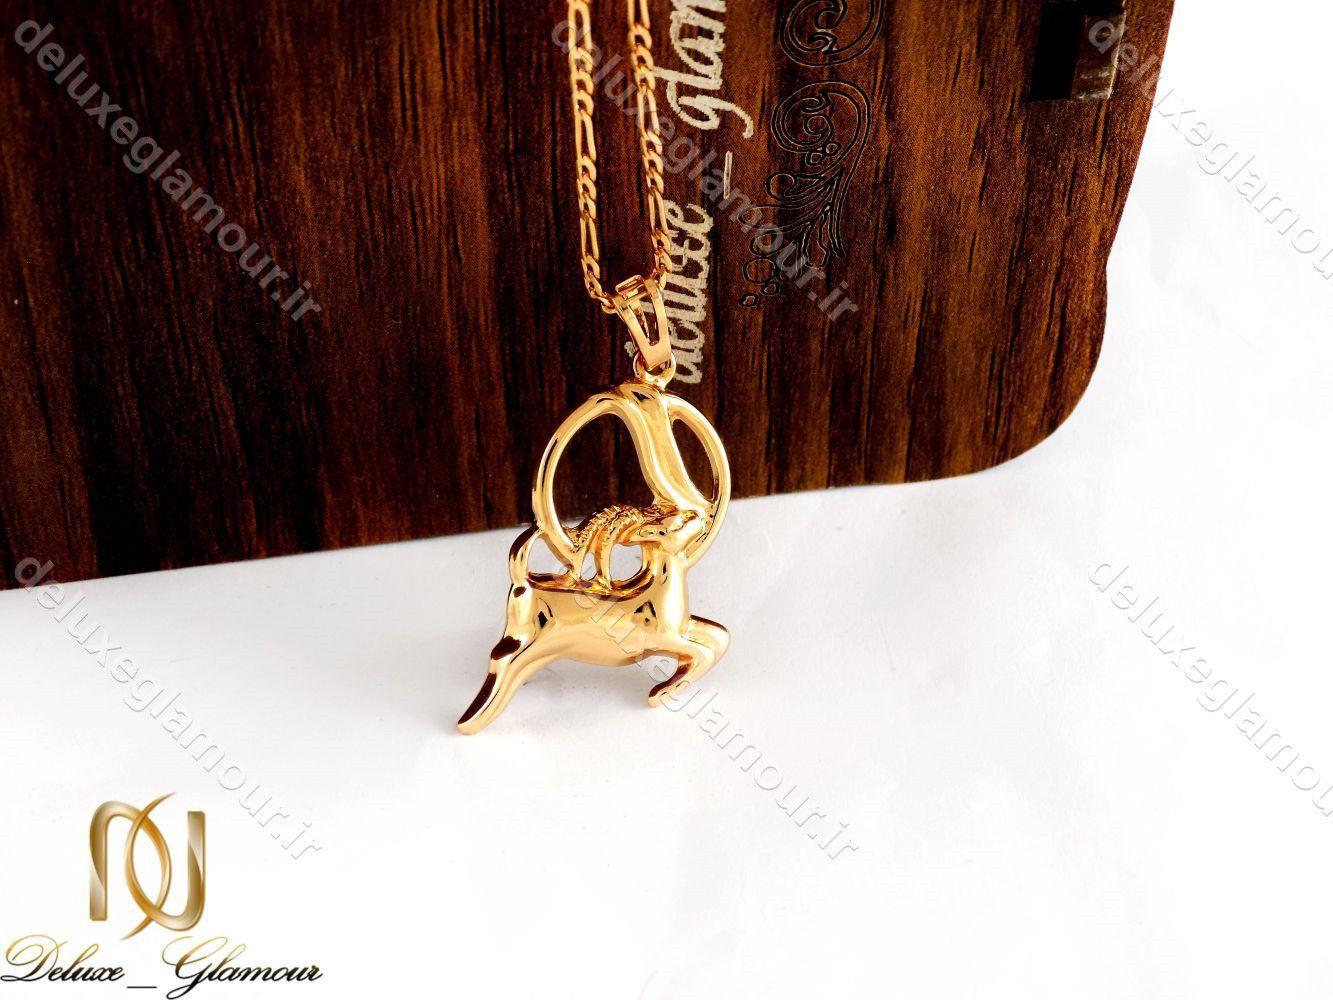 گردنبند دخترانه ژوپینگ ماه تولد دی ماه با نماد بز nw-n197